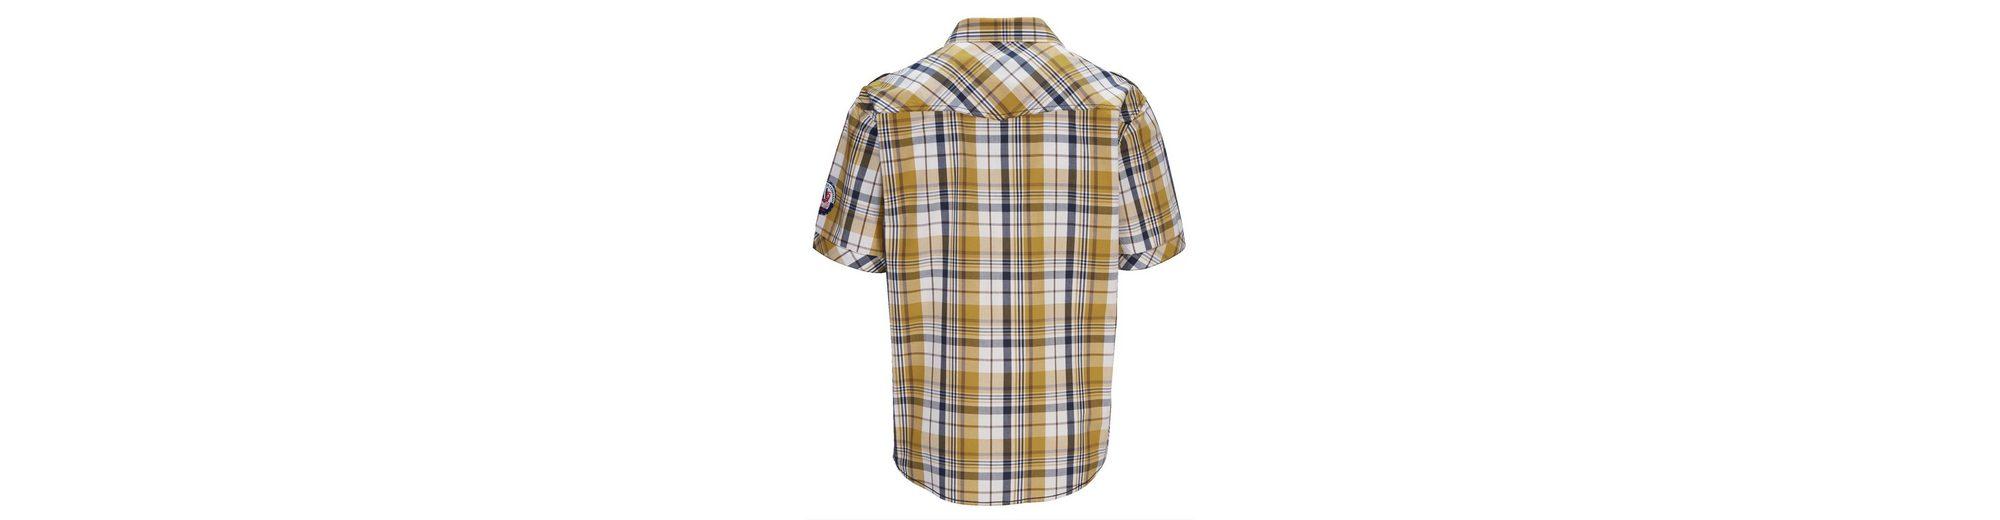 Zum Verkauf Online-Verkauf Babista Hemd mit Stickerei Kostenloser Versand Freie Verschiffen-Websites Billig Kaufen Authentisch 100% Authentisch Günstiger Preis Ojgjes6ssl